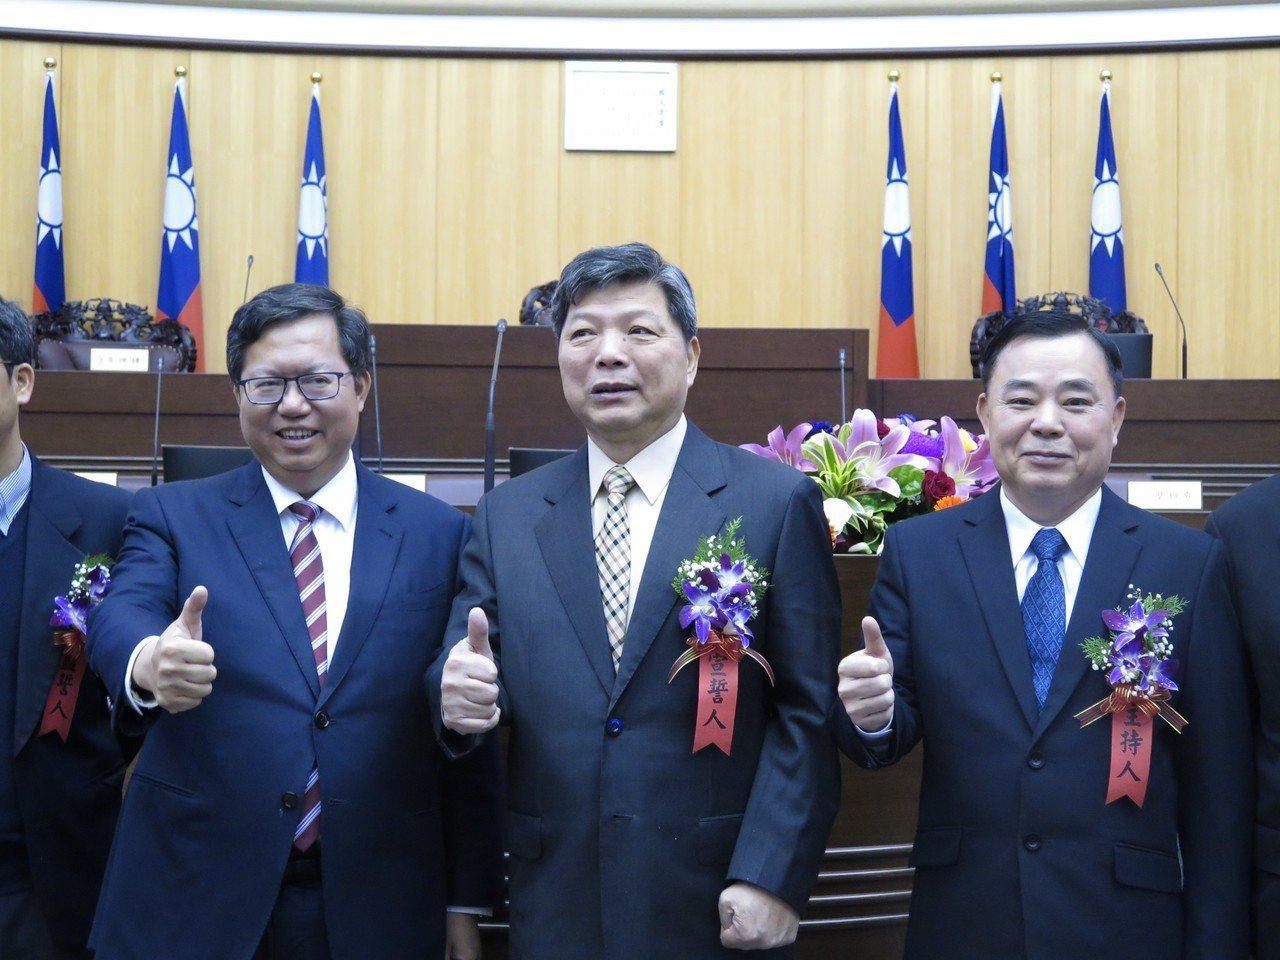 桃園市議員張運炳(中)今天補宣誓後,和市長鄭文燦(左)、議長邱奕勝(右)等人大合...